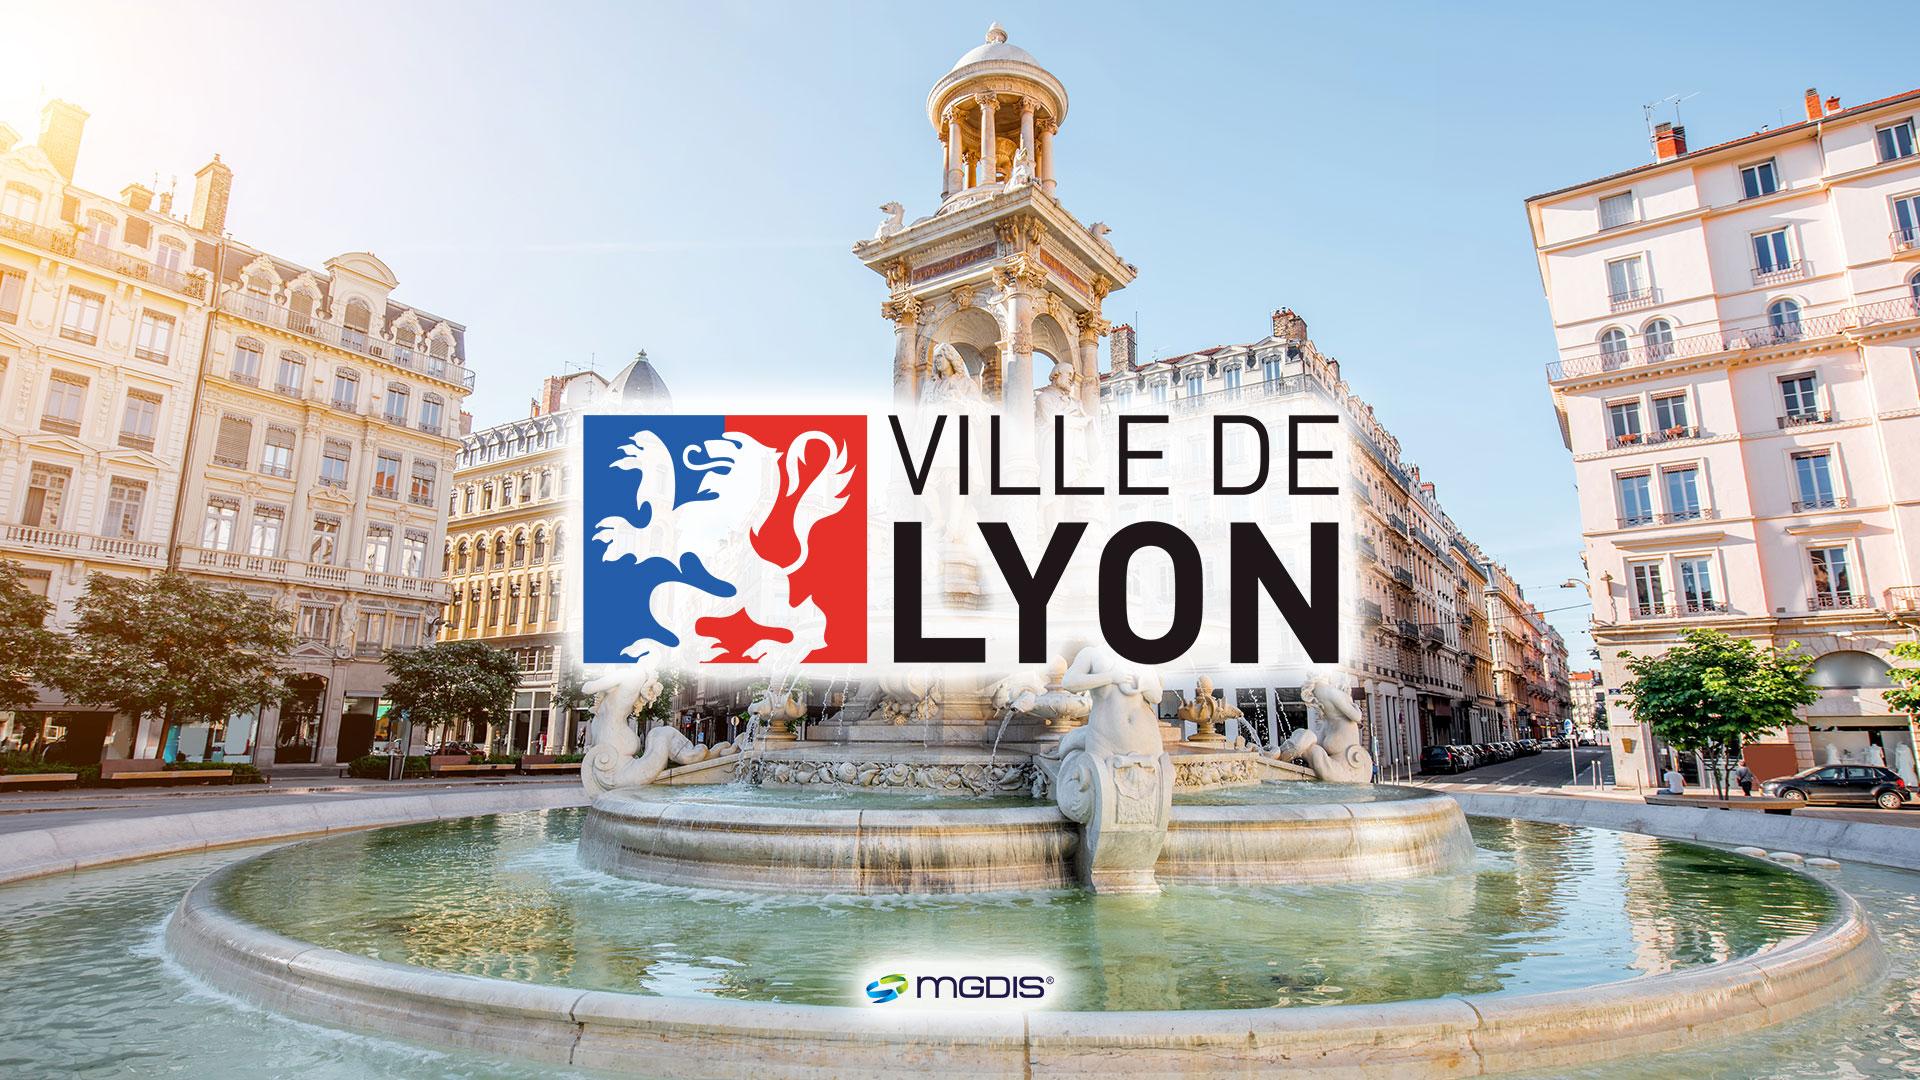 La Ville de Lyon a choisi le Portail des Aides MGDIS pour dématérialiser les dossiers de subventions